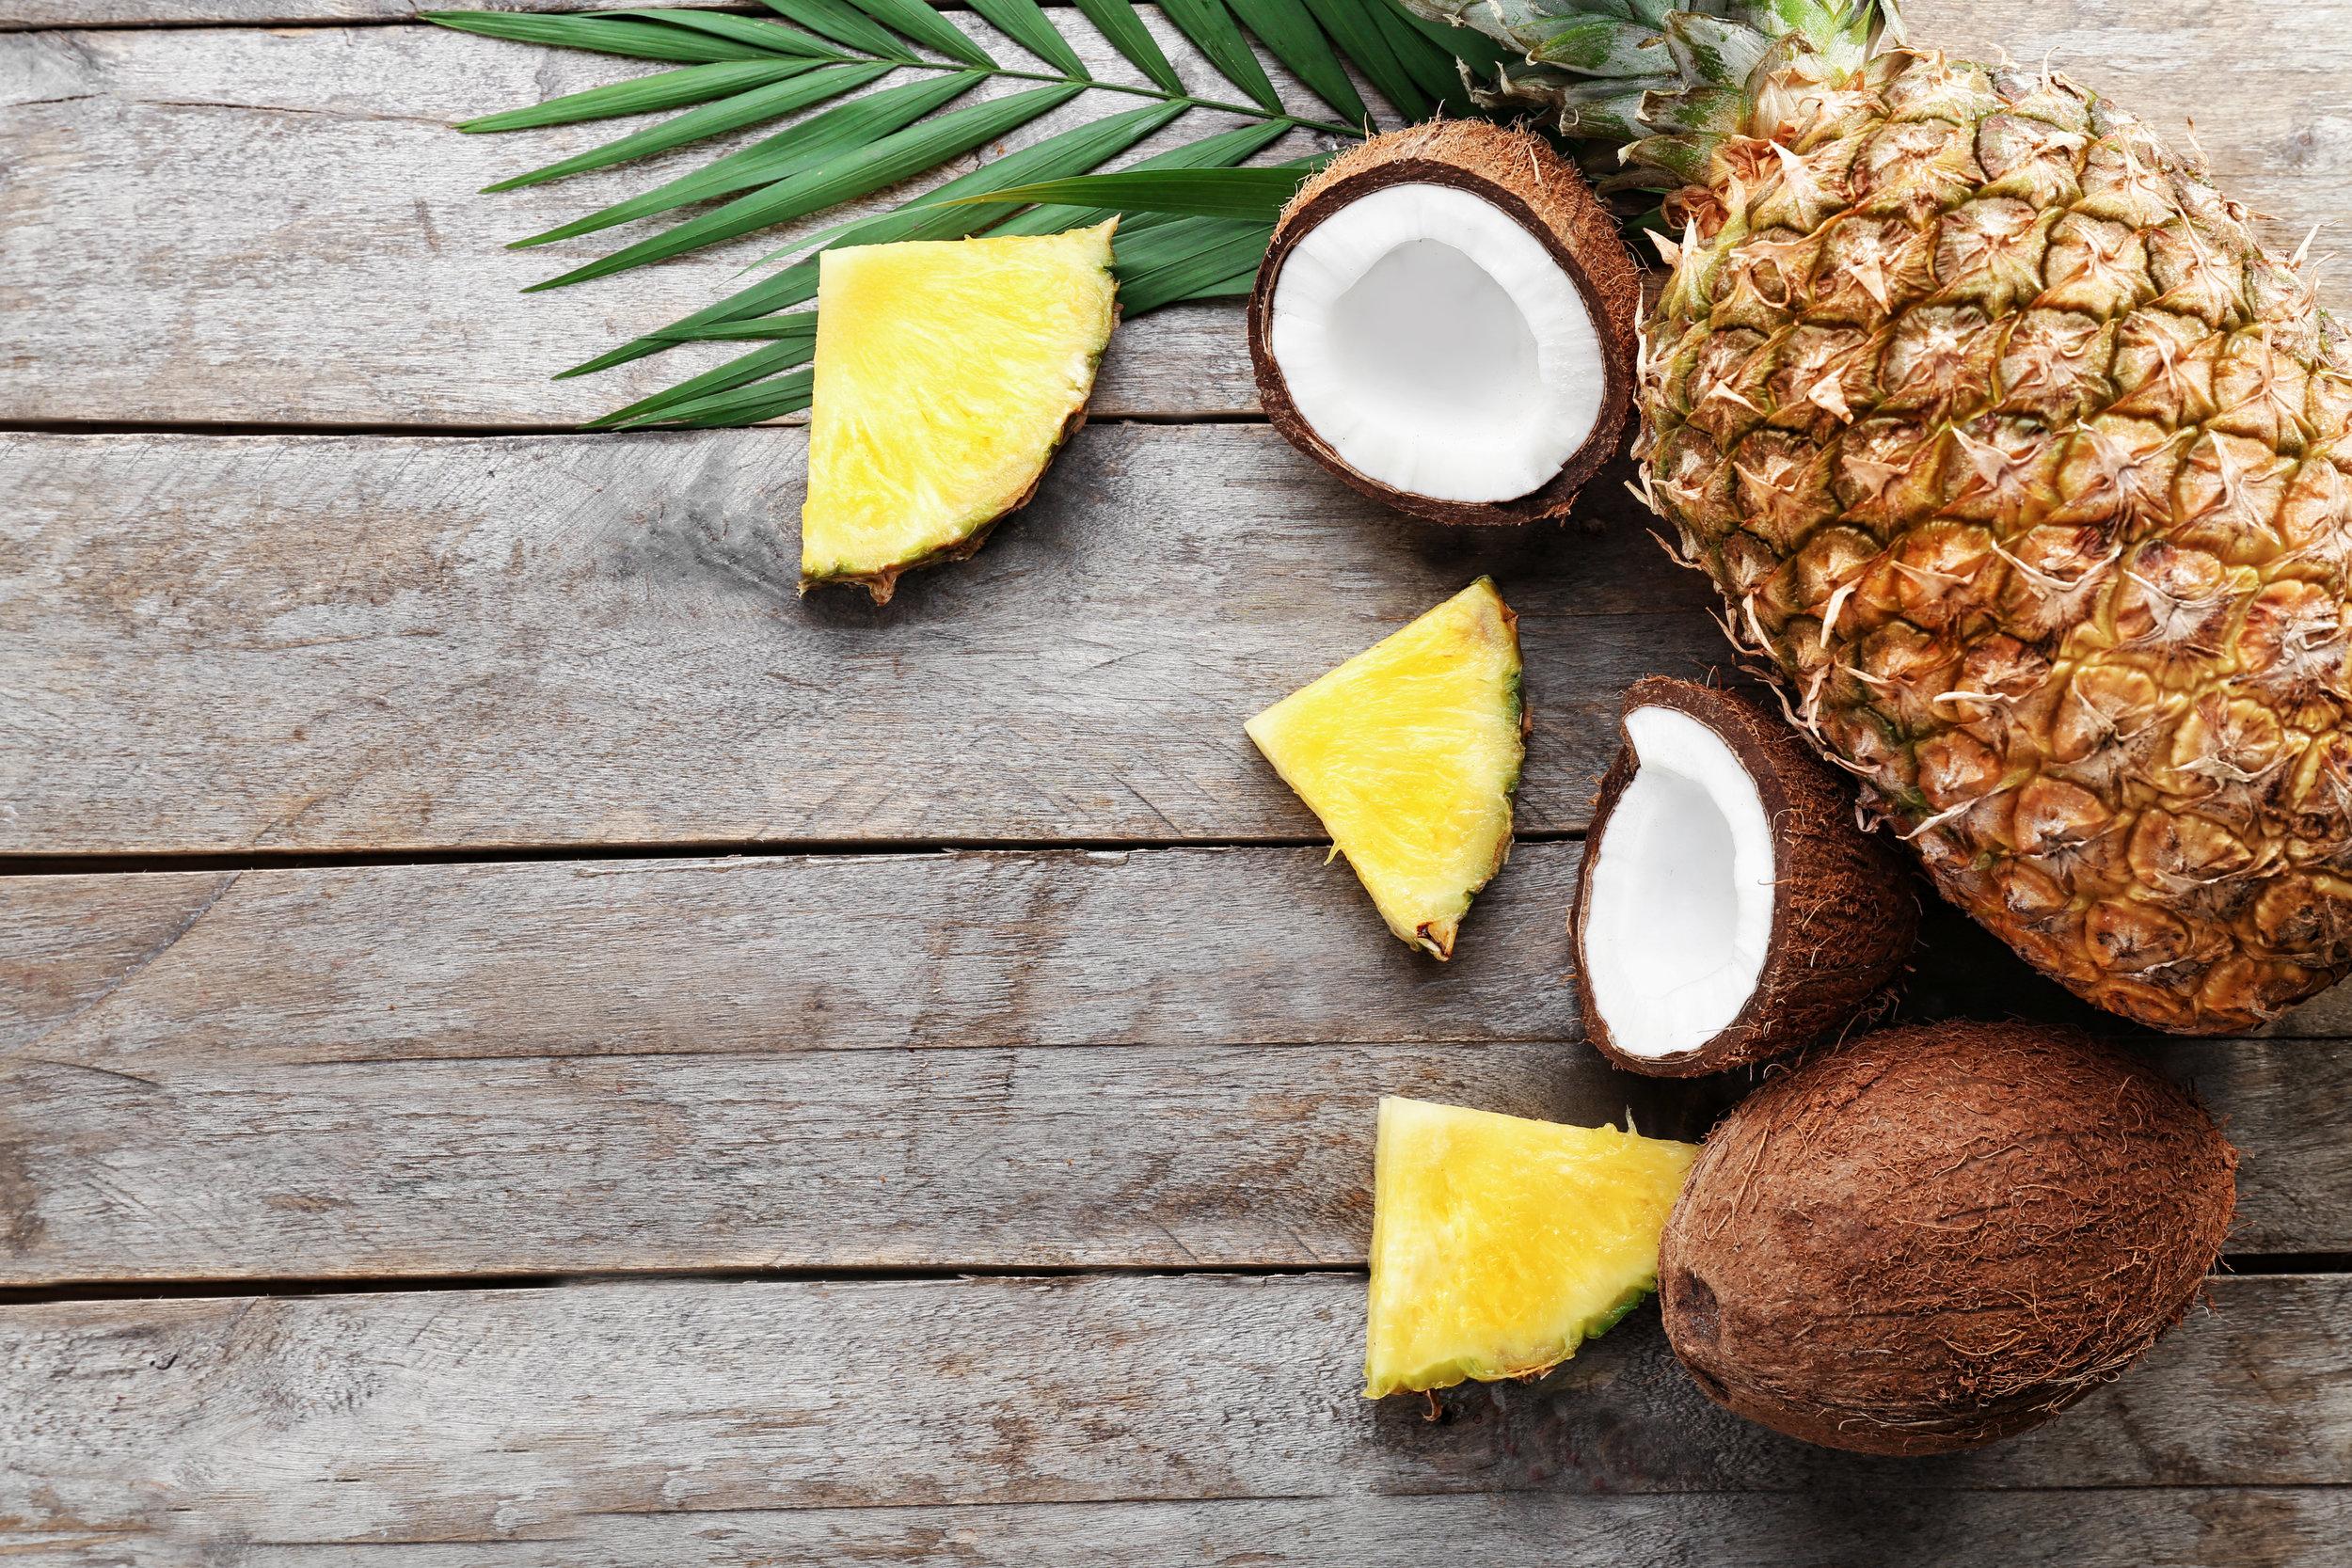 shutterstock_608591837(Pineapple Coconut).jpg